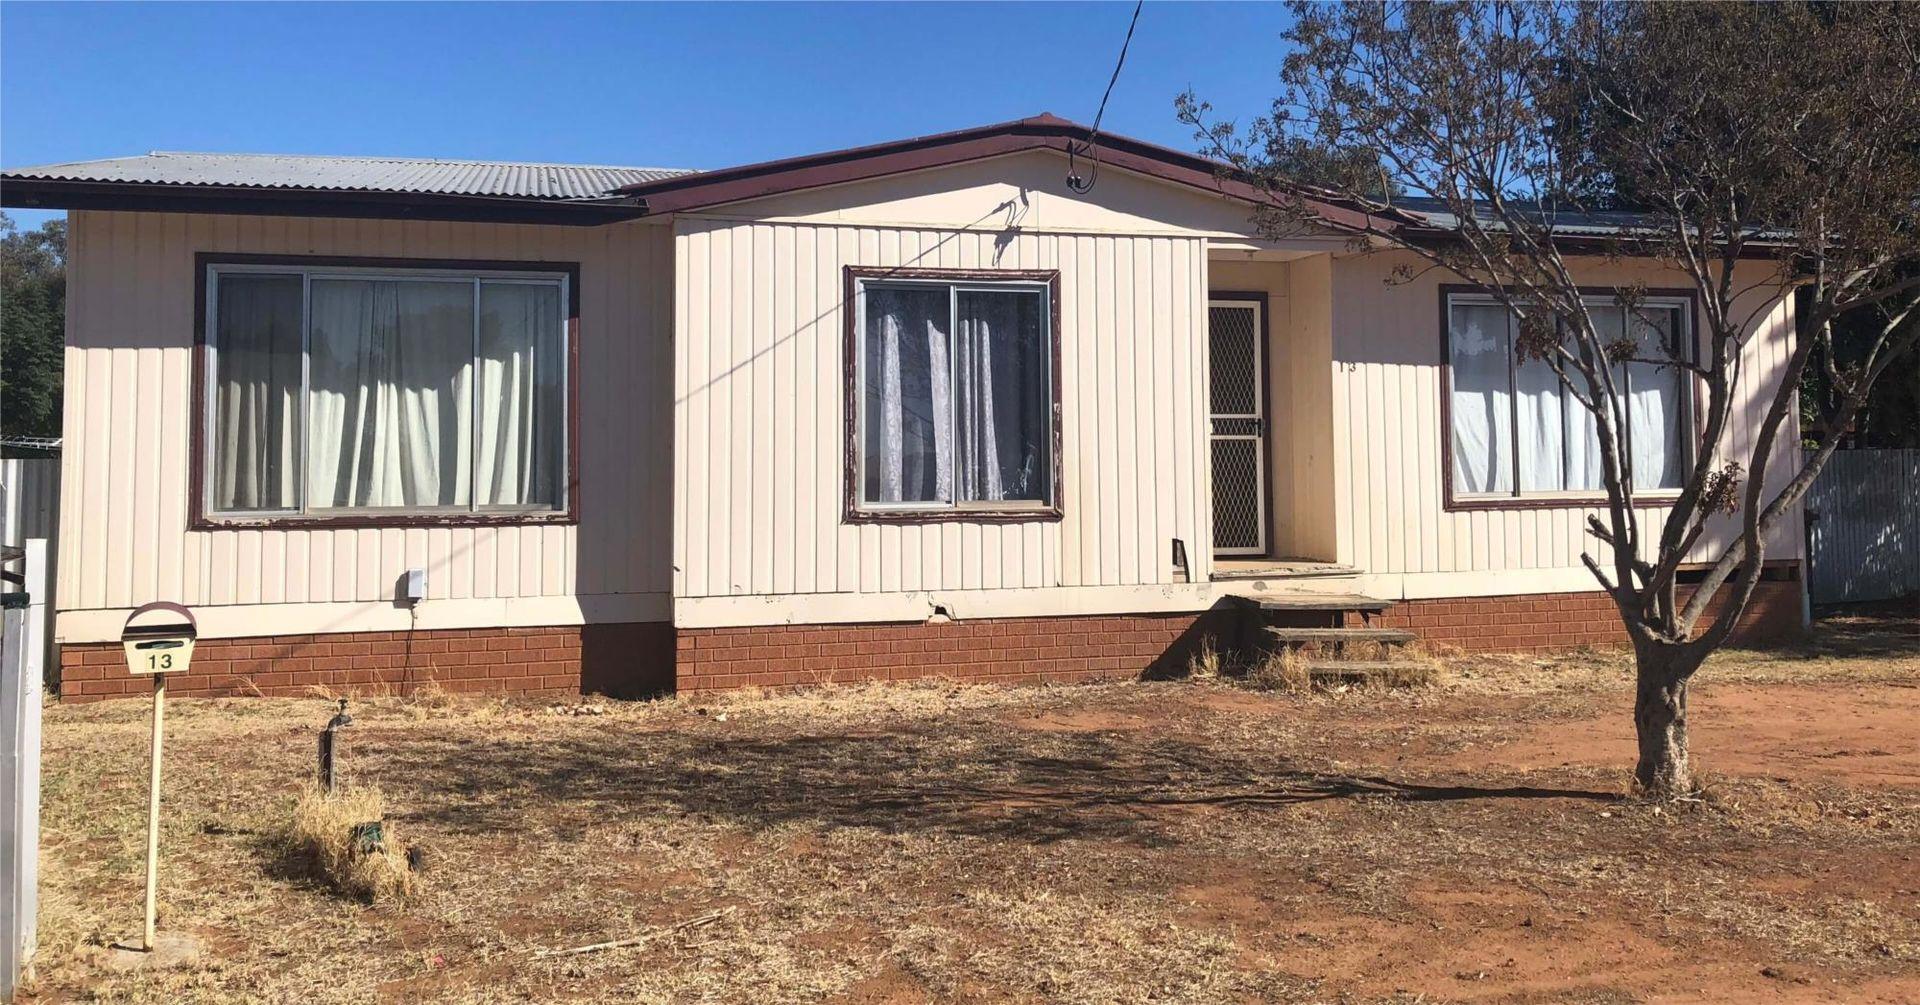 13 Oxley Street, Nyngan NSW 2825, Image 0